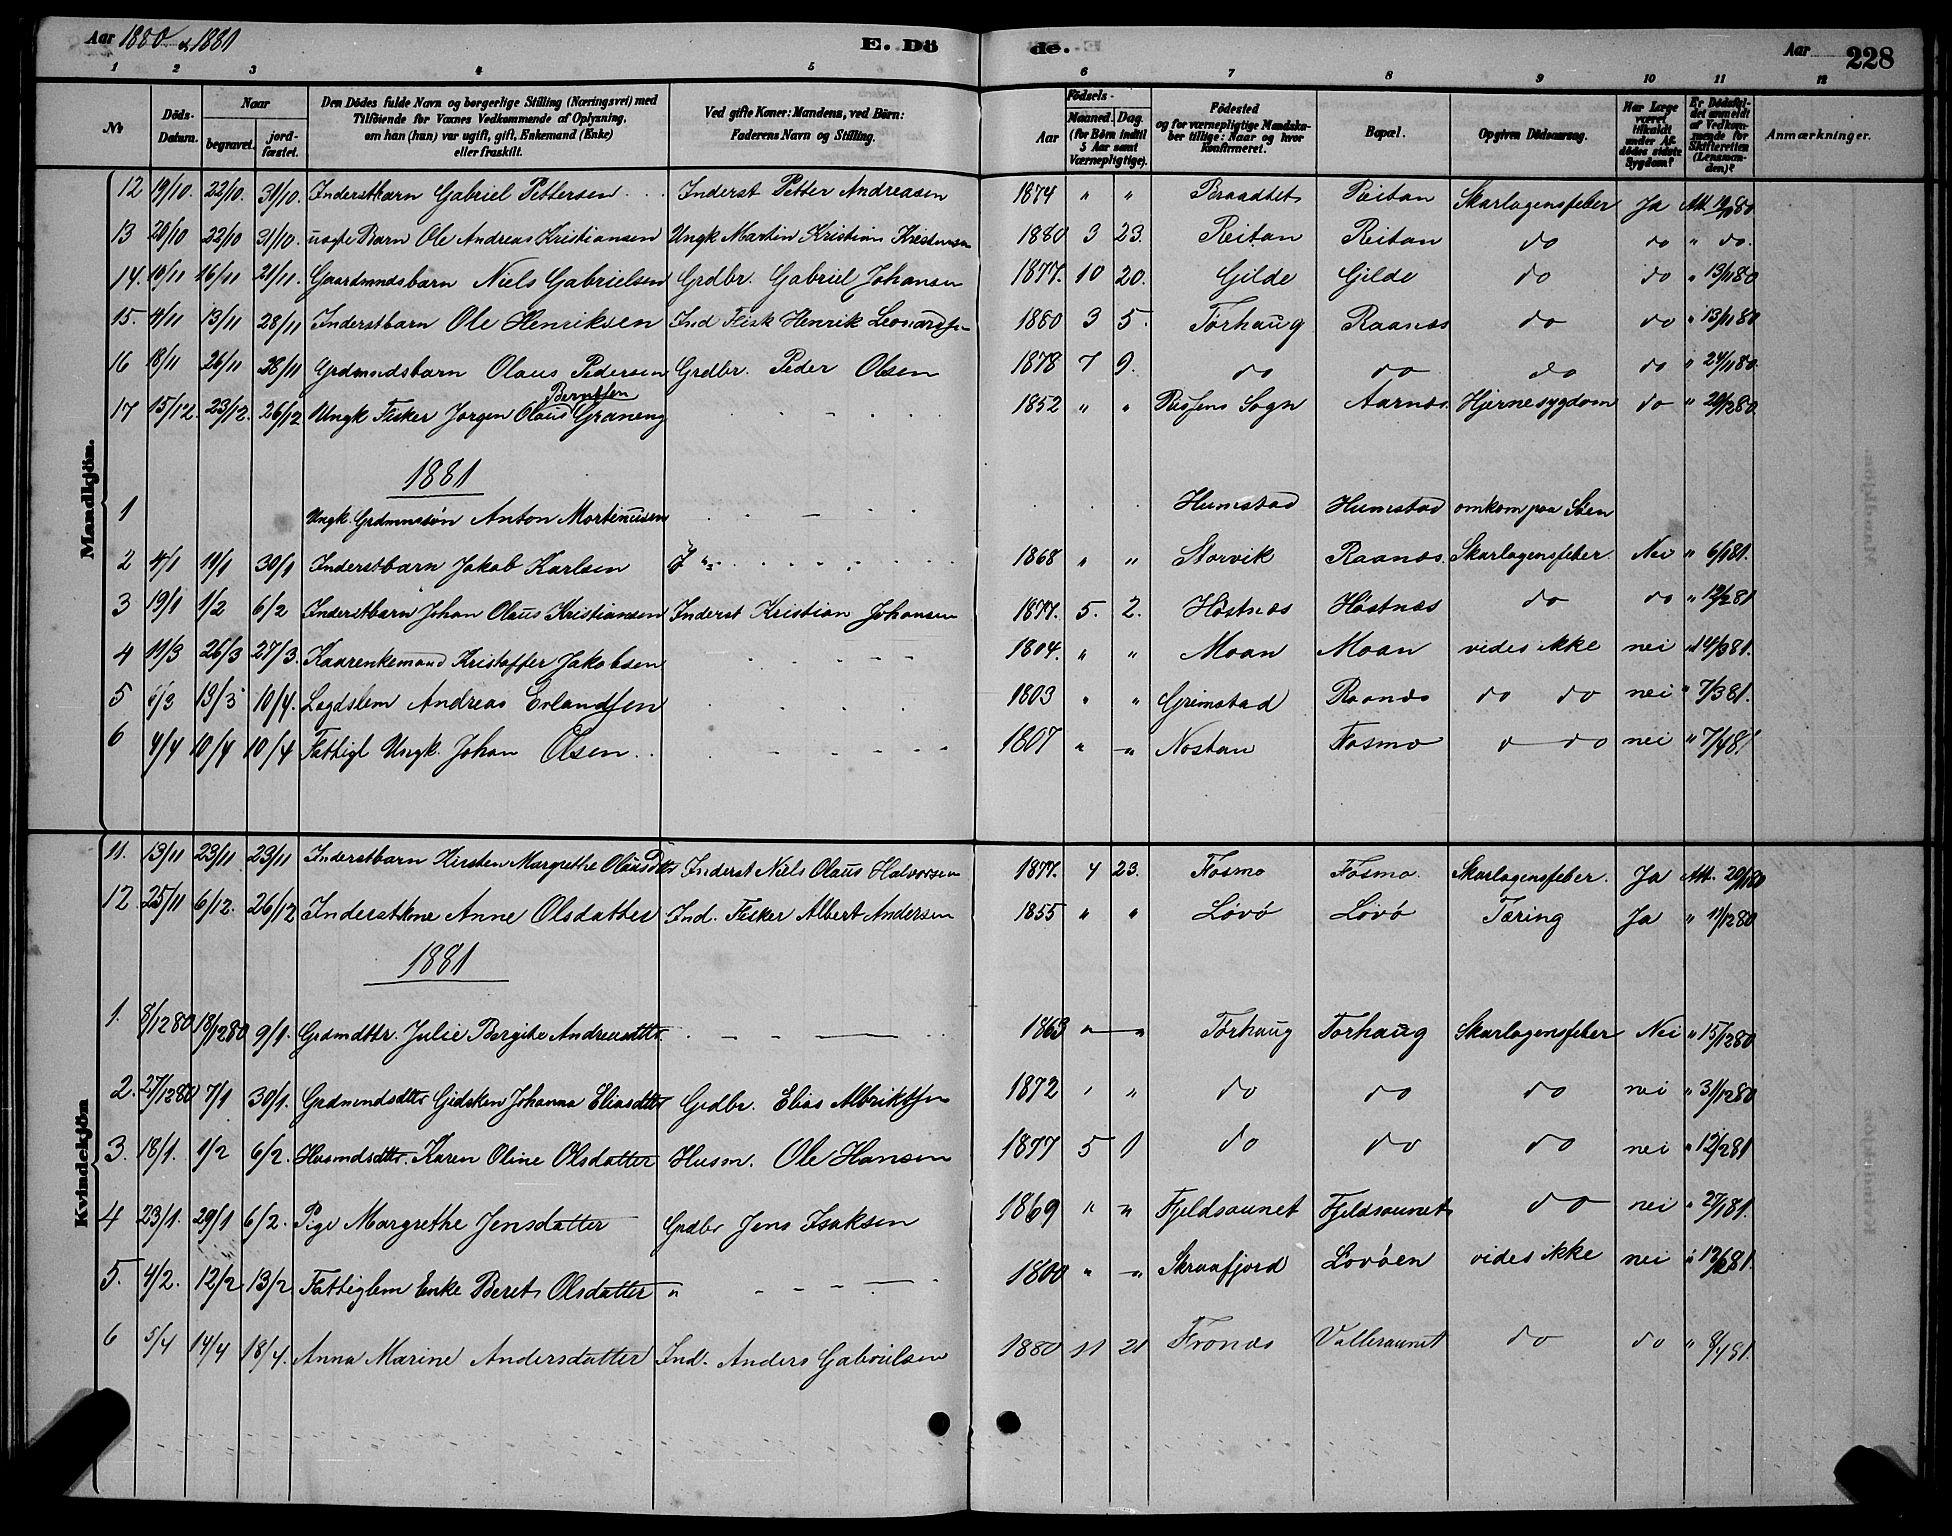 SAT, Ministerialprotokoller, klokkerbøker og fødselsregistre - Sør-Trøndelag, 655/L0687: Klokkerbok nr. 655C03, 1880-1898, s. 228